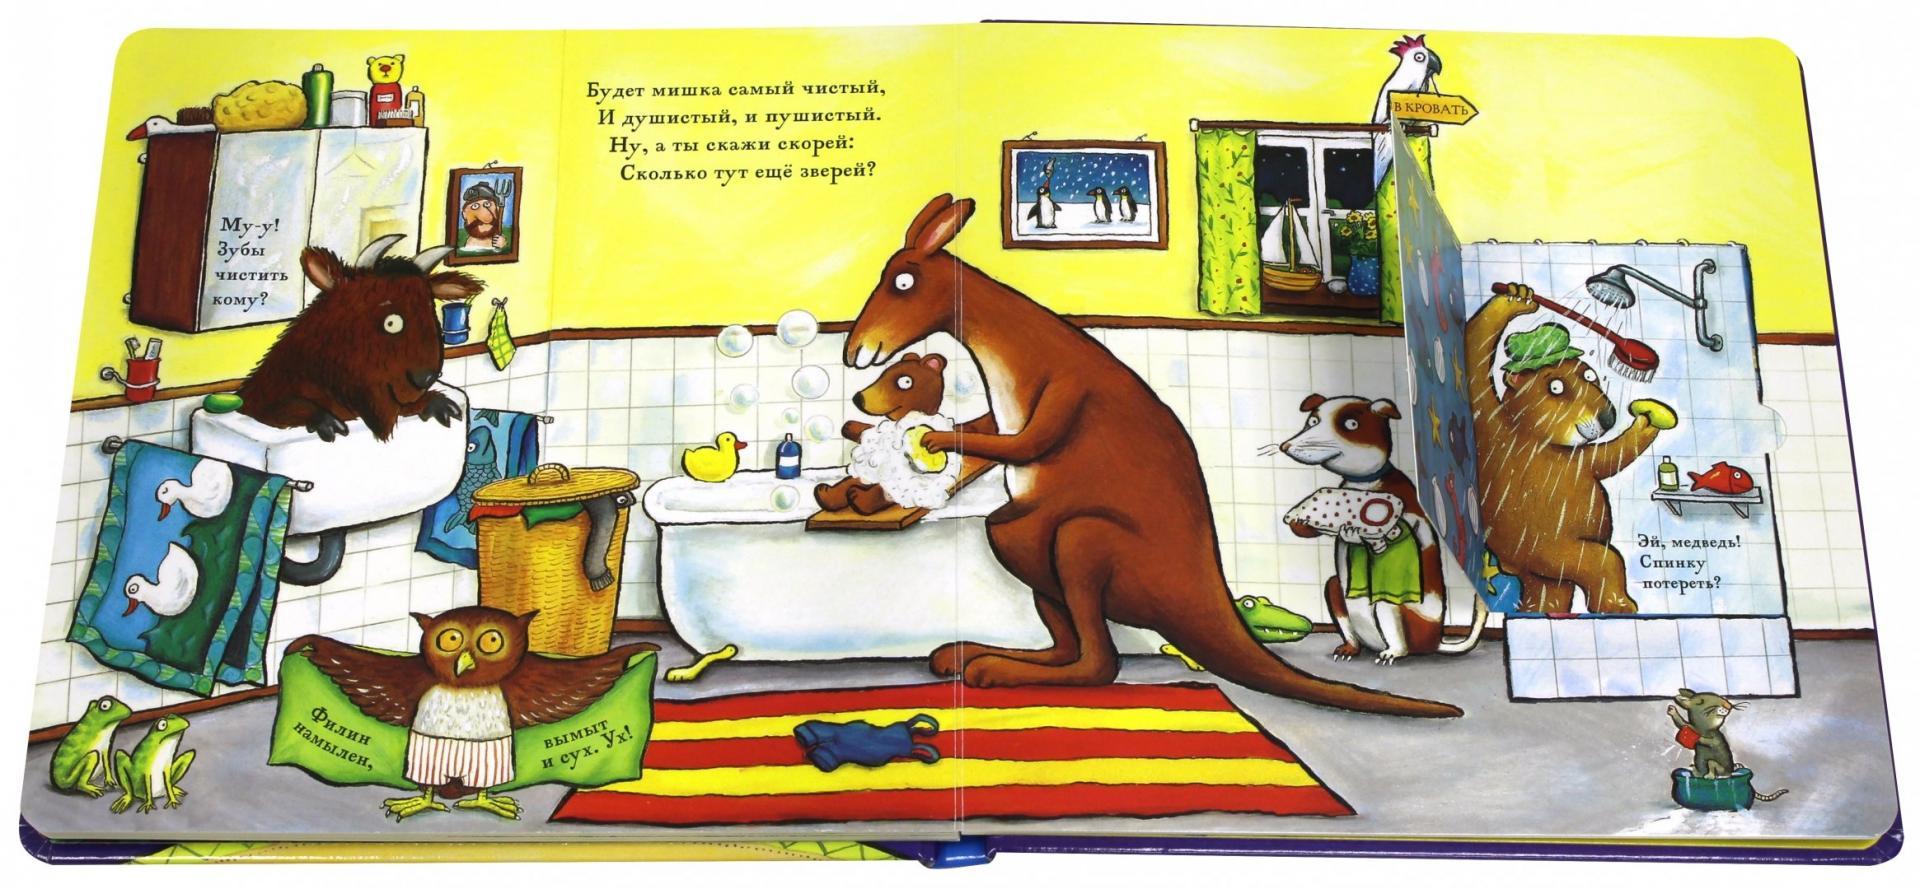 Иллюстрация 1 из 16 для Сонный Мишка. Вечерняя книжка-игрушка - Иан Уайброу | Лабиринт - книги. Источник: Лабиринт